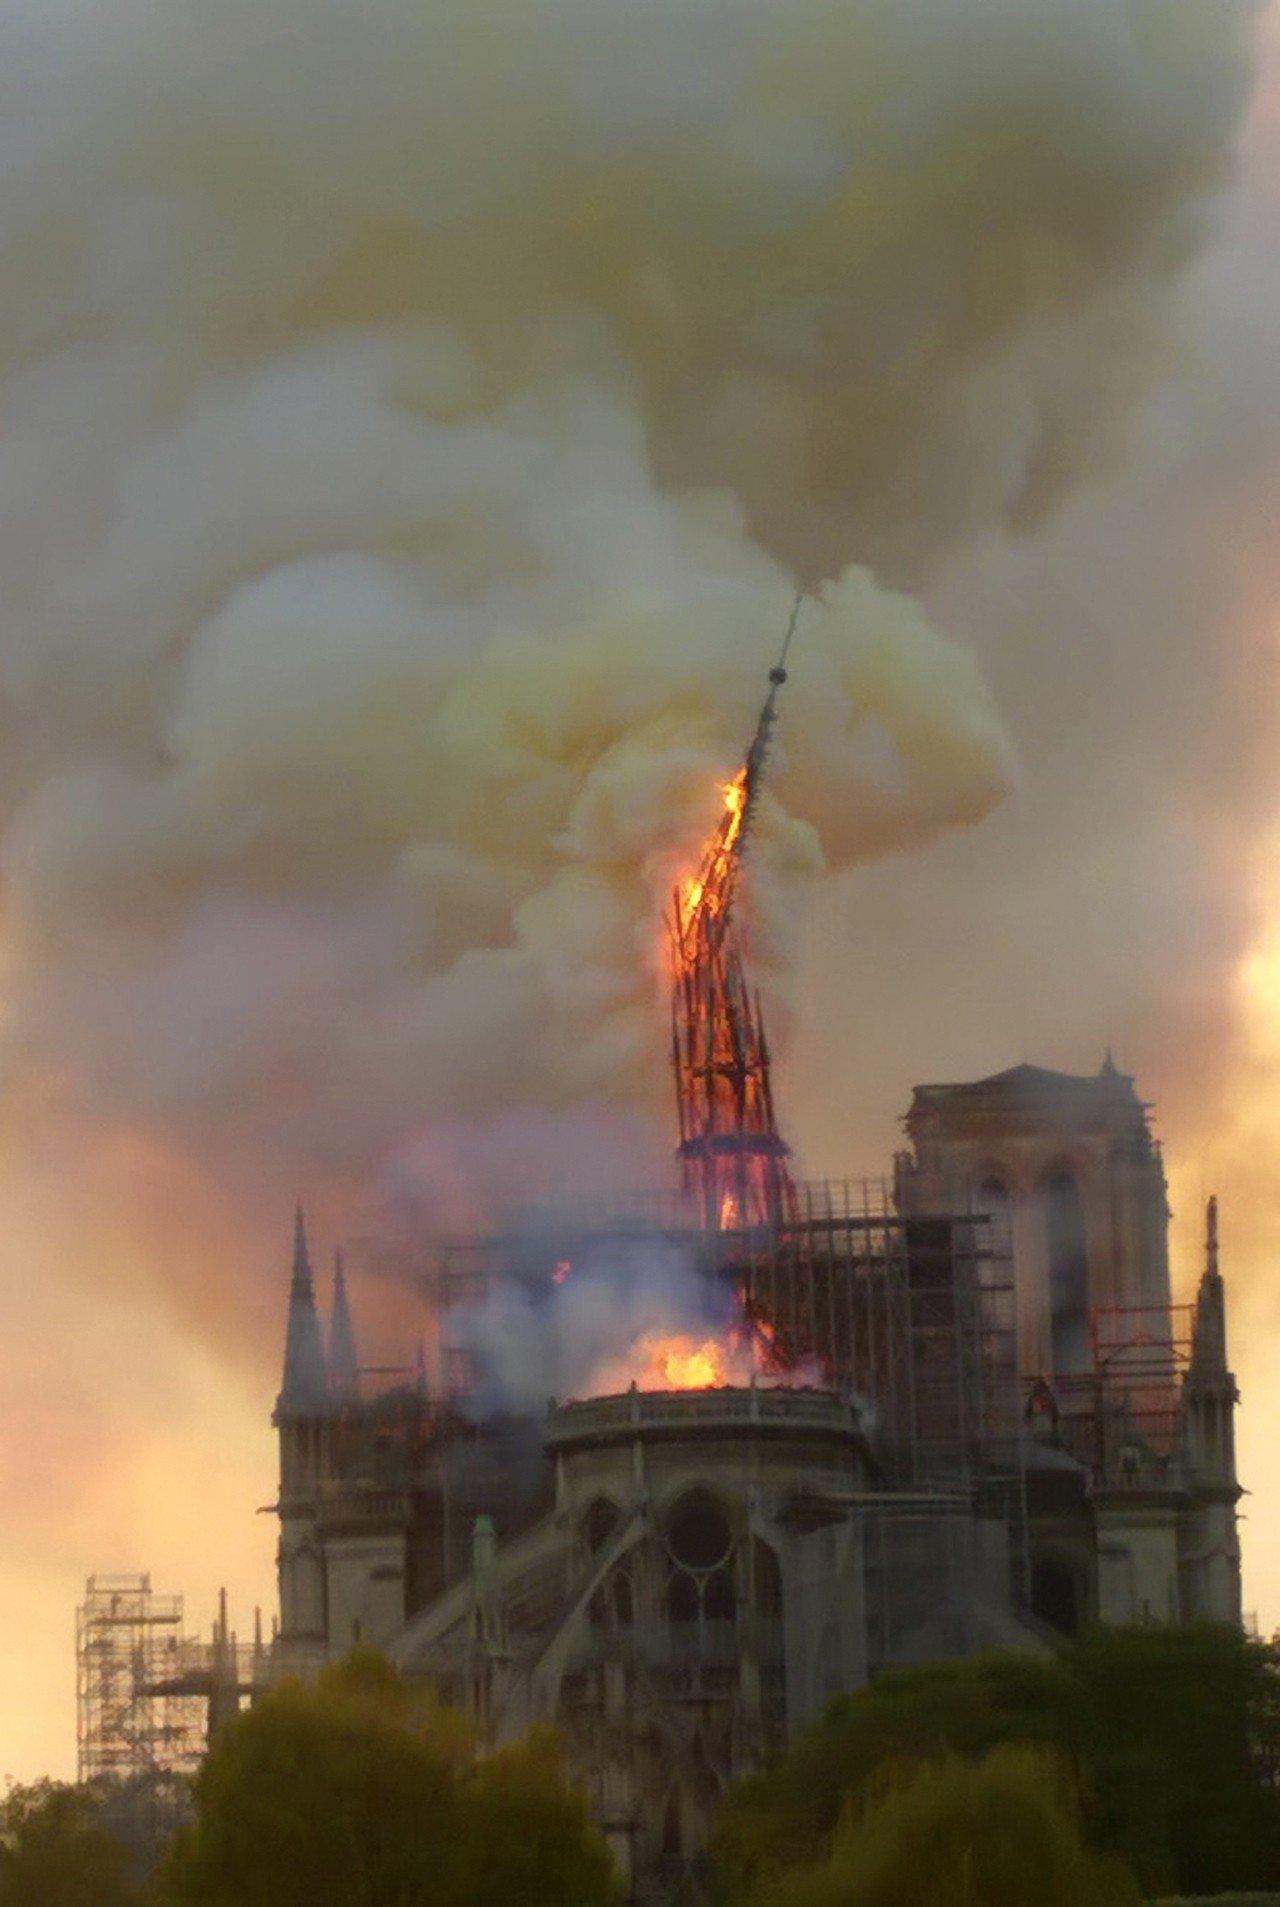 巴黎聖母院的尖塔和被稱為「森林」的屋頂木質結構,在15日的大火中被燒毀。美聯社